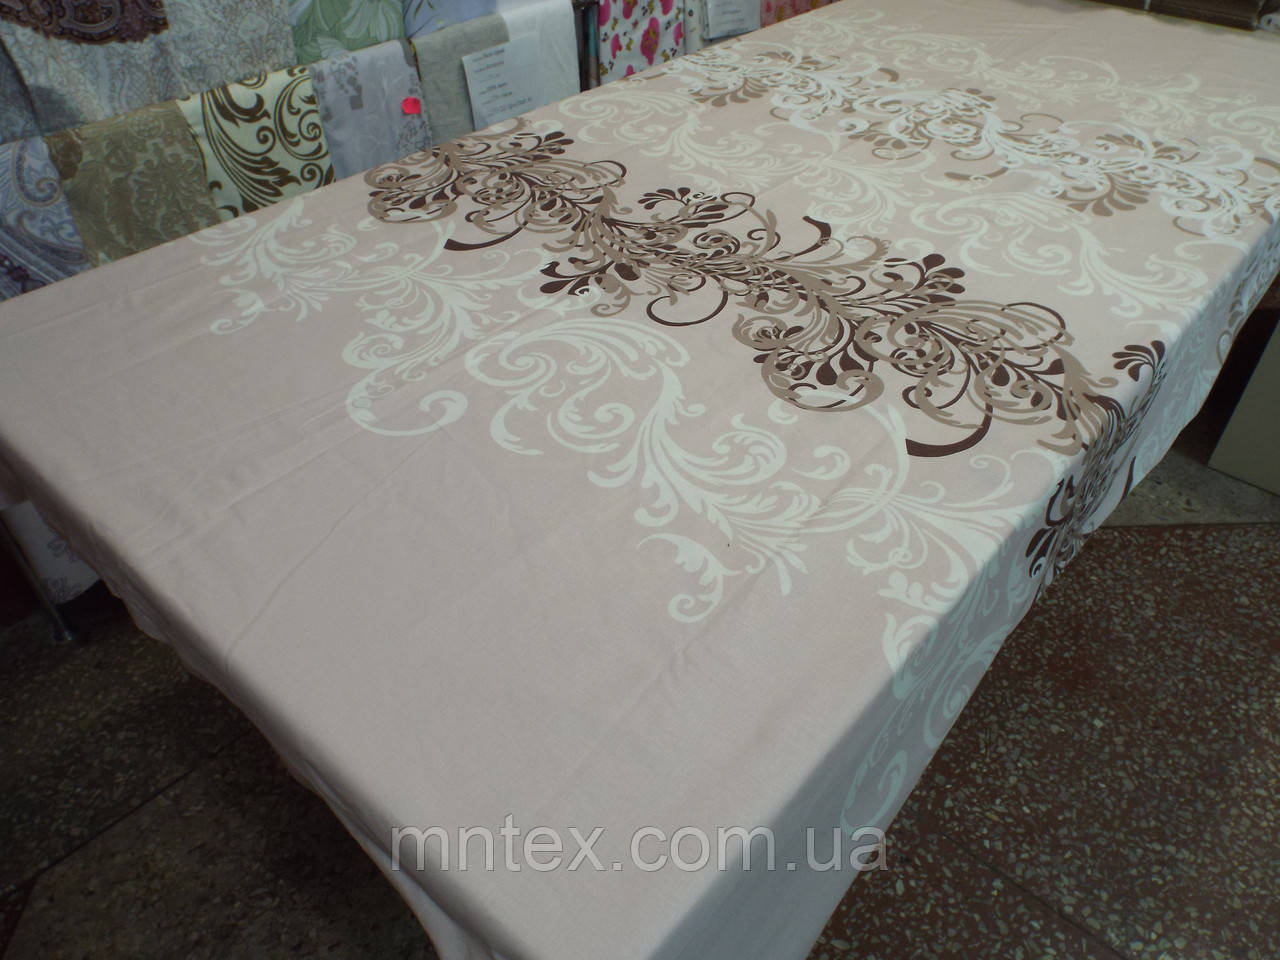 Ткань для пошива постельного белья бязь Белорусь ГОСТ Трюфель